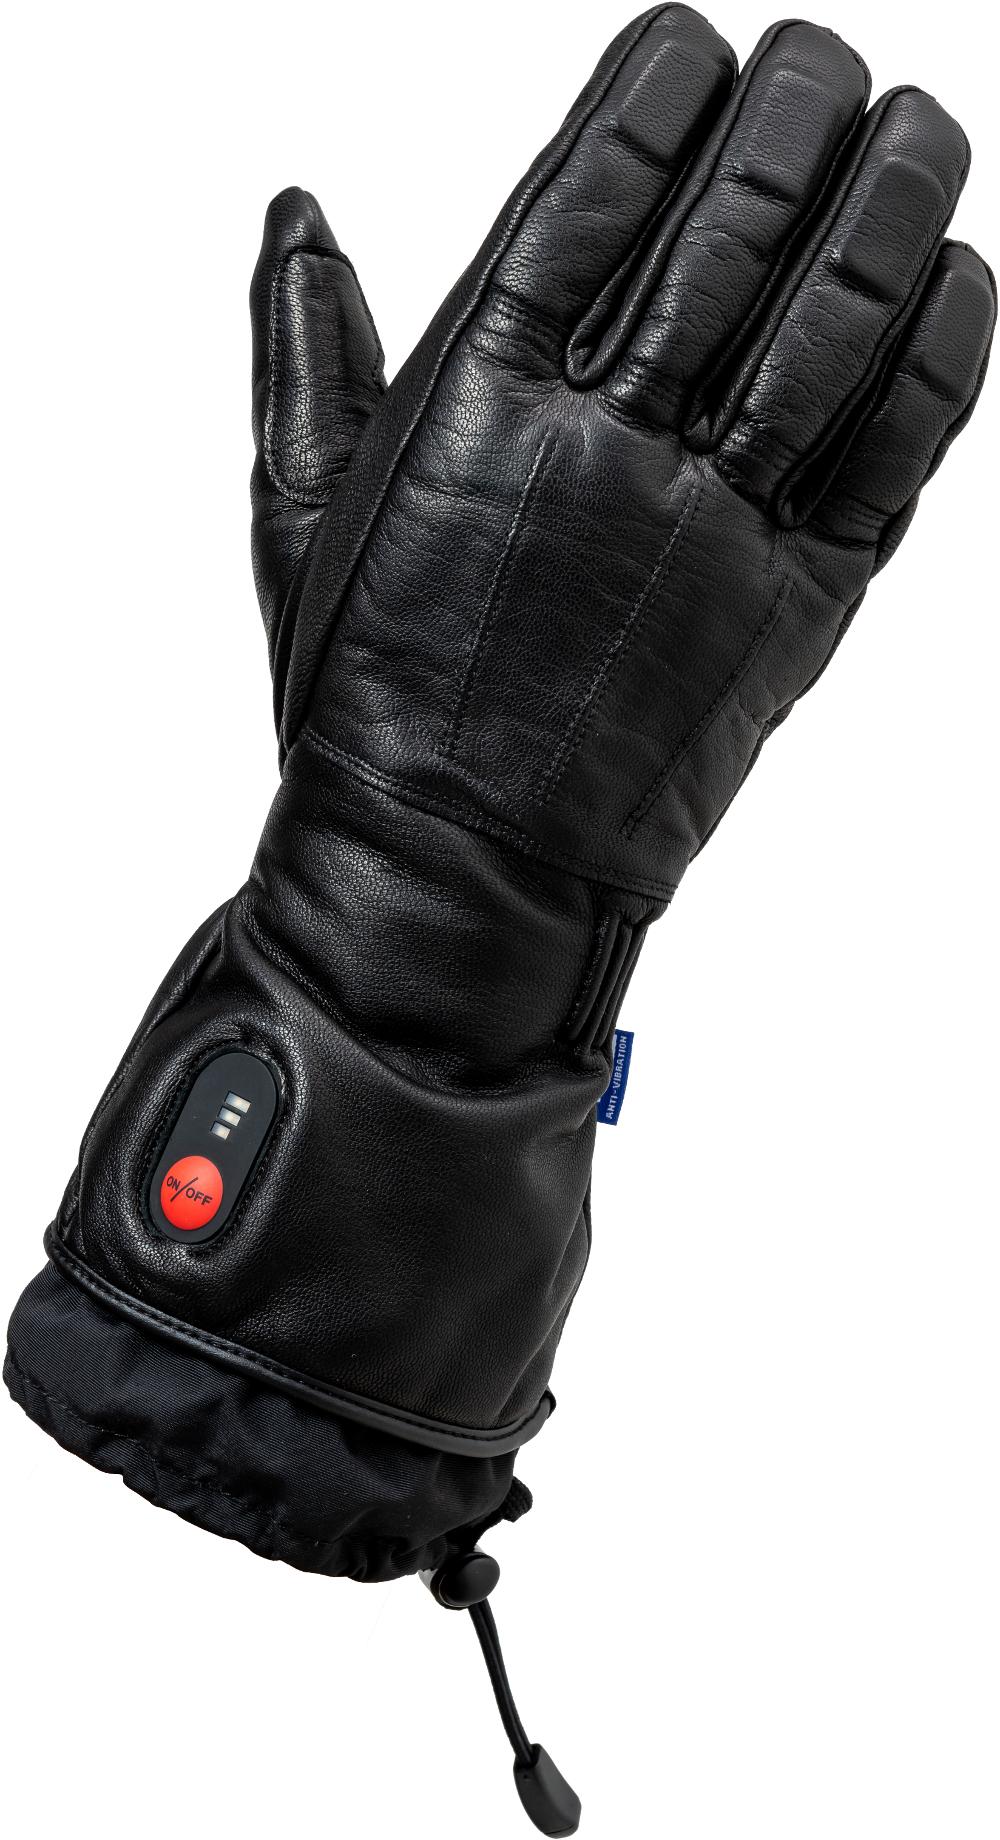 山城 yamashiro 売り出し IDEAL アイディール バイク用 グローブ 秋冬モデル 保証 ID-202 ブラック HEAT 2 ヒート ID202BK Sサイズ S